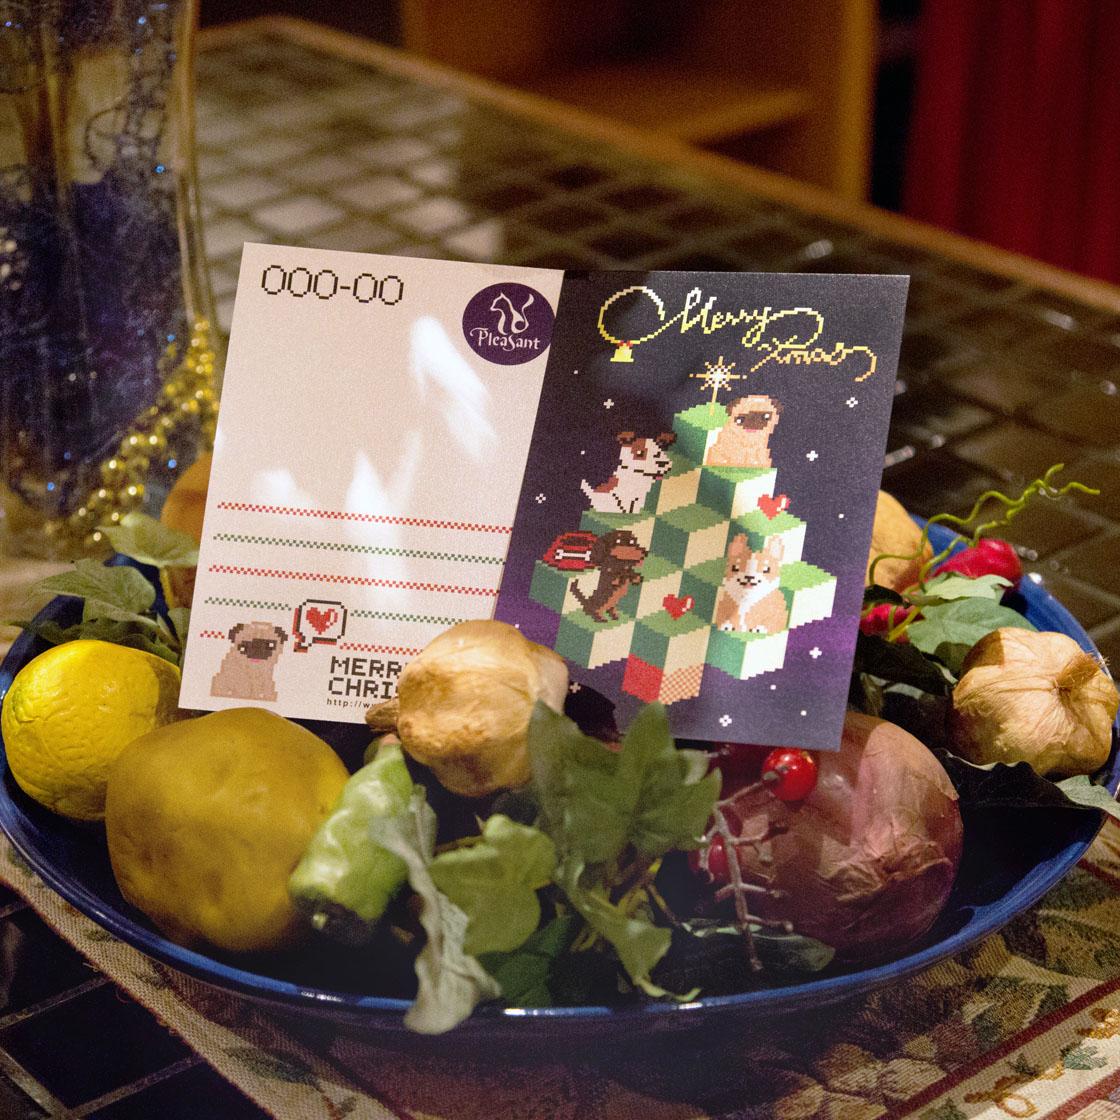 普萊森特|狗狗8-BIT風格聖誕明信片